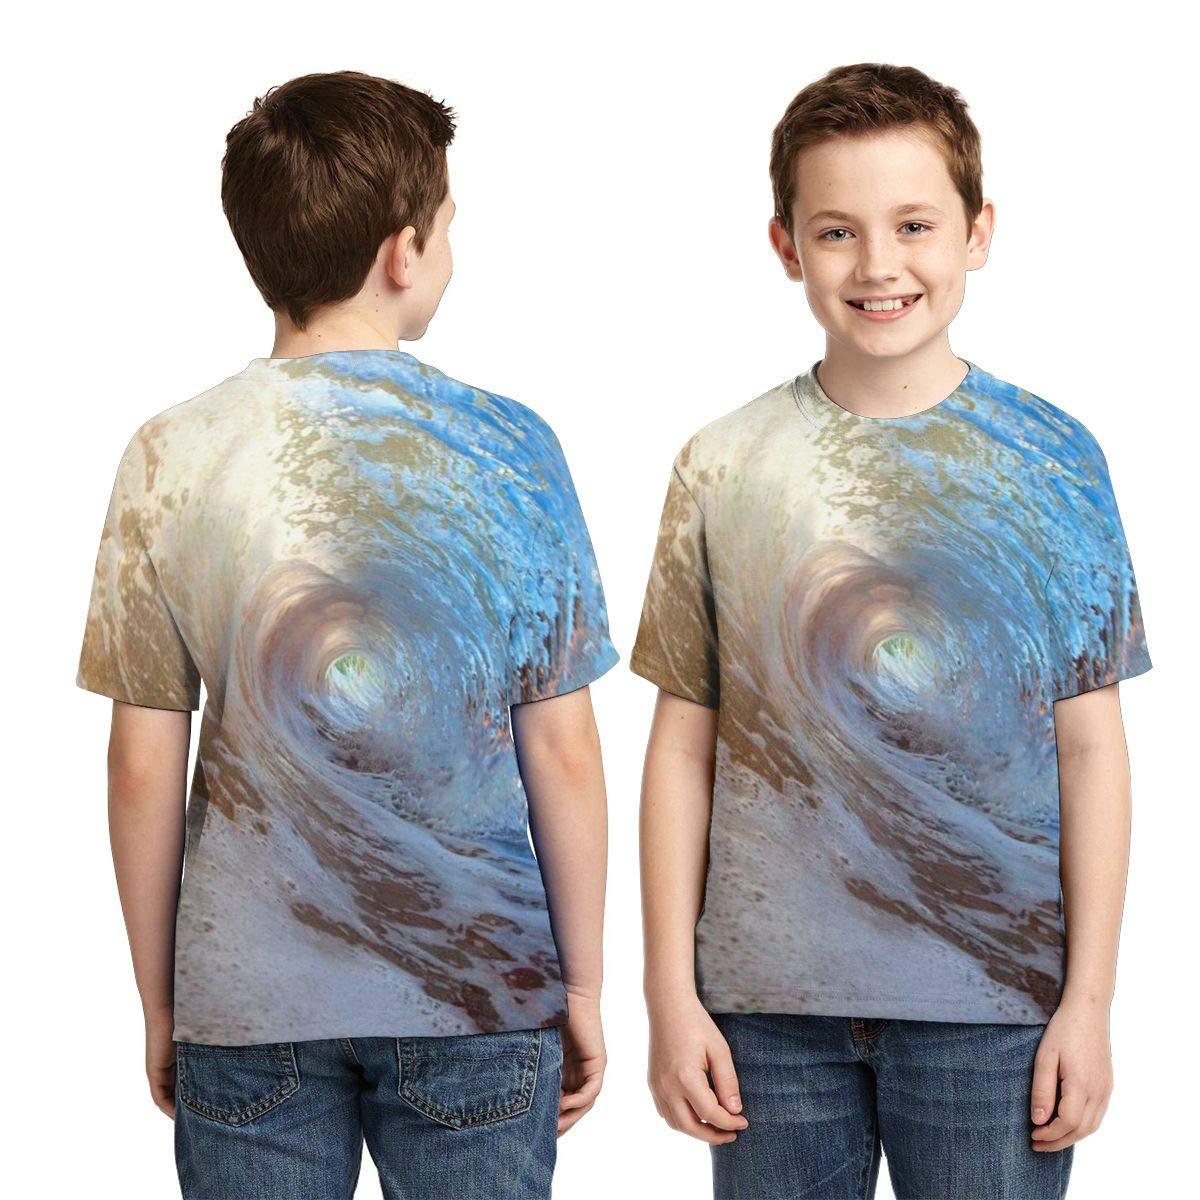 Hawaii Waves Sea Unisex Child Teens Crew-Neck Short Sleeve T-Shirt Girl Boys Cool Tee Shirt Tops XS